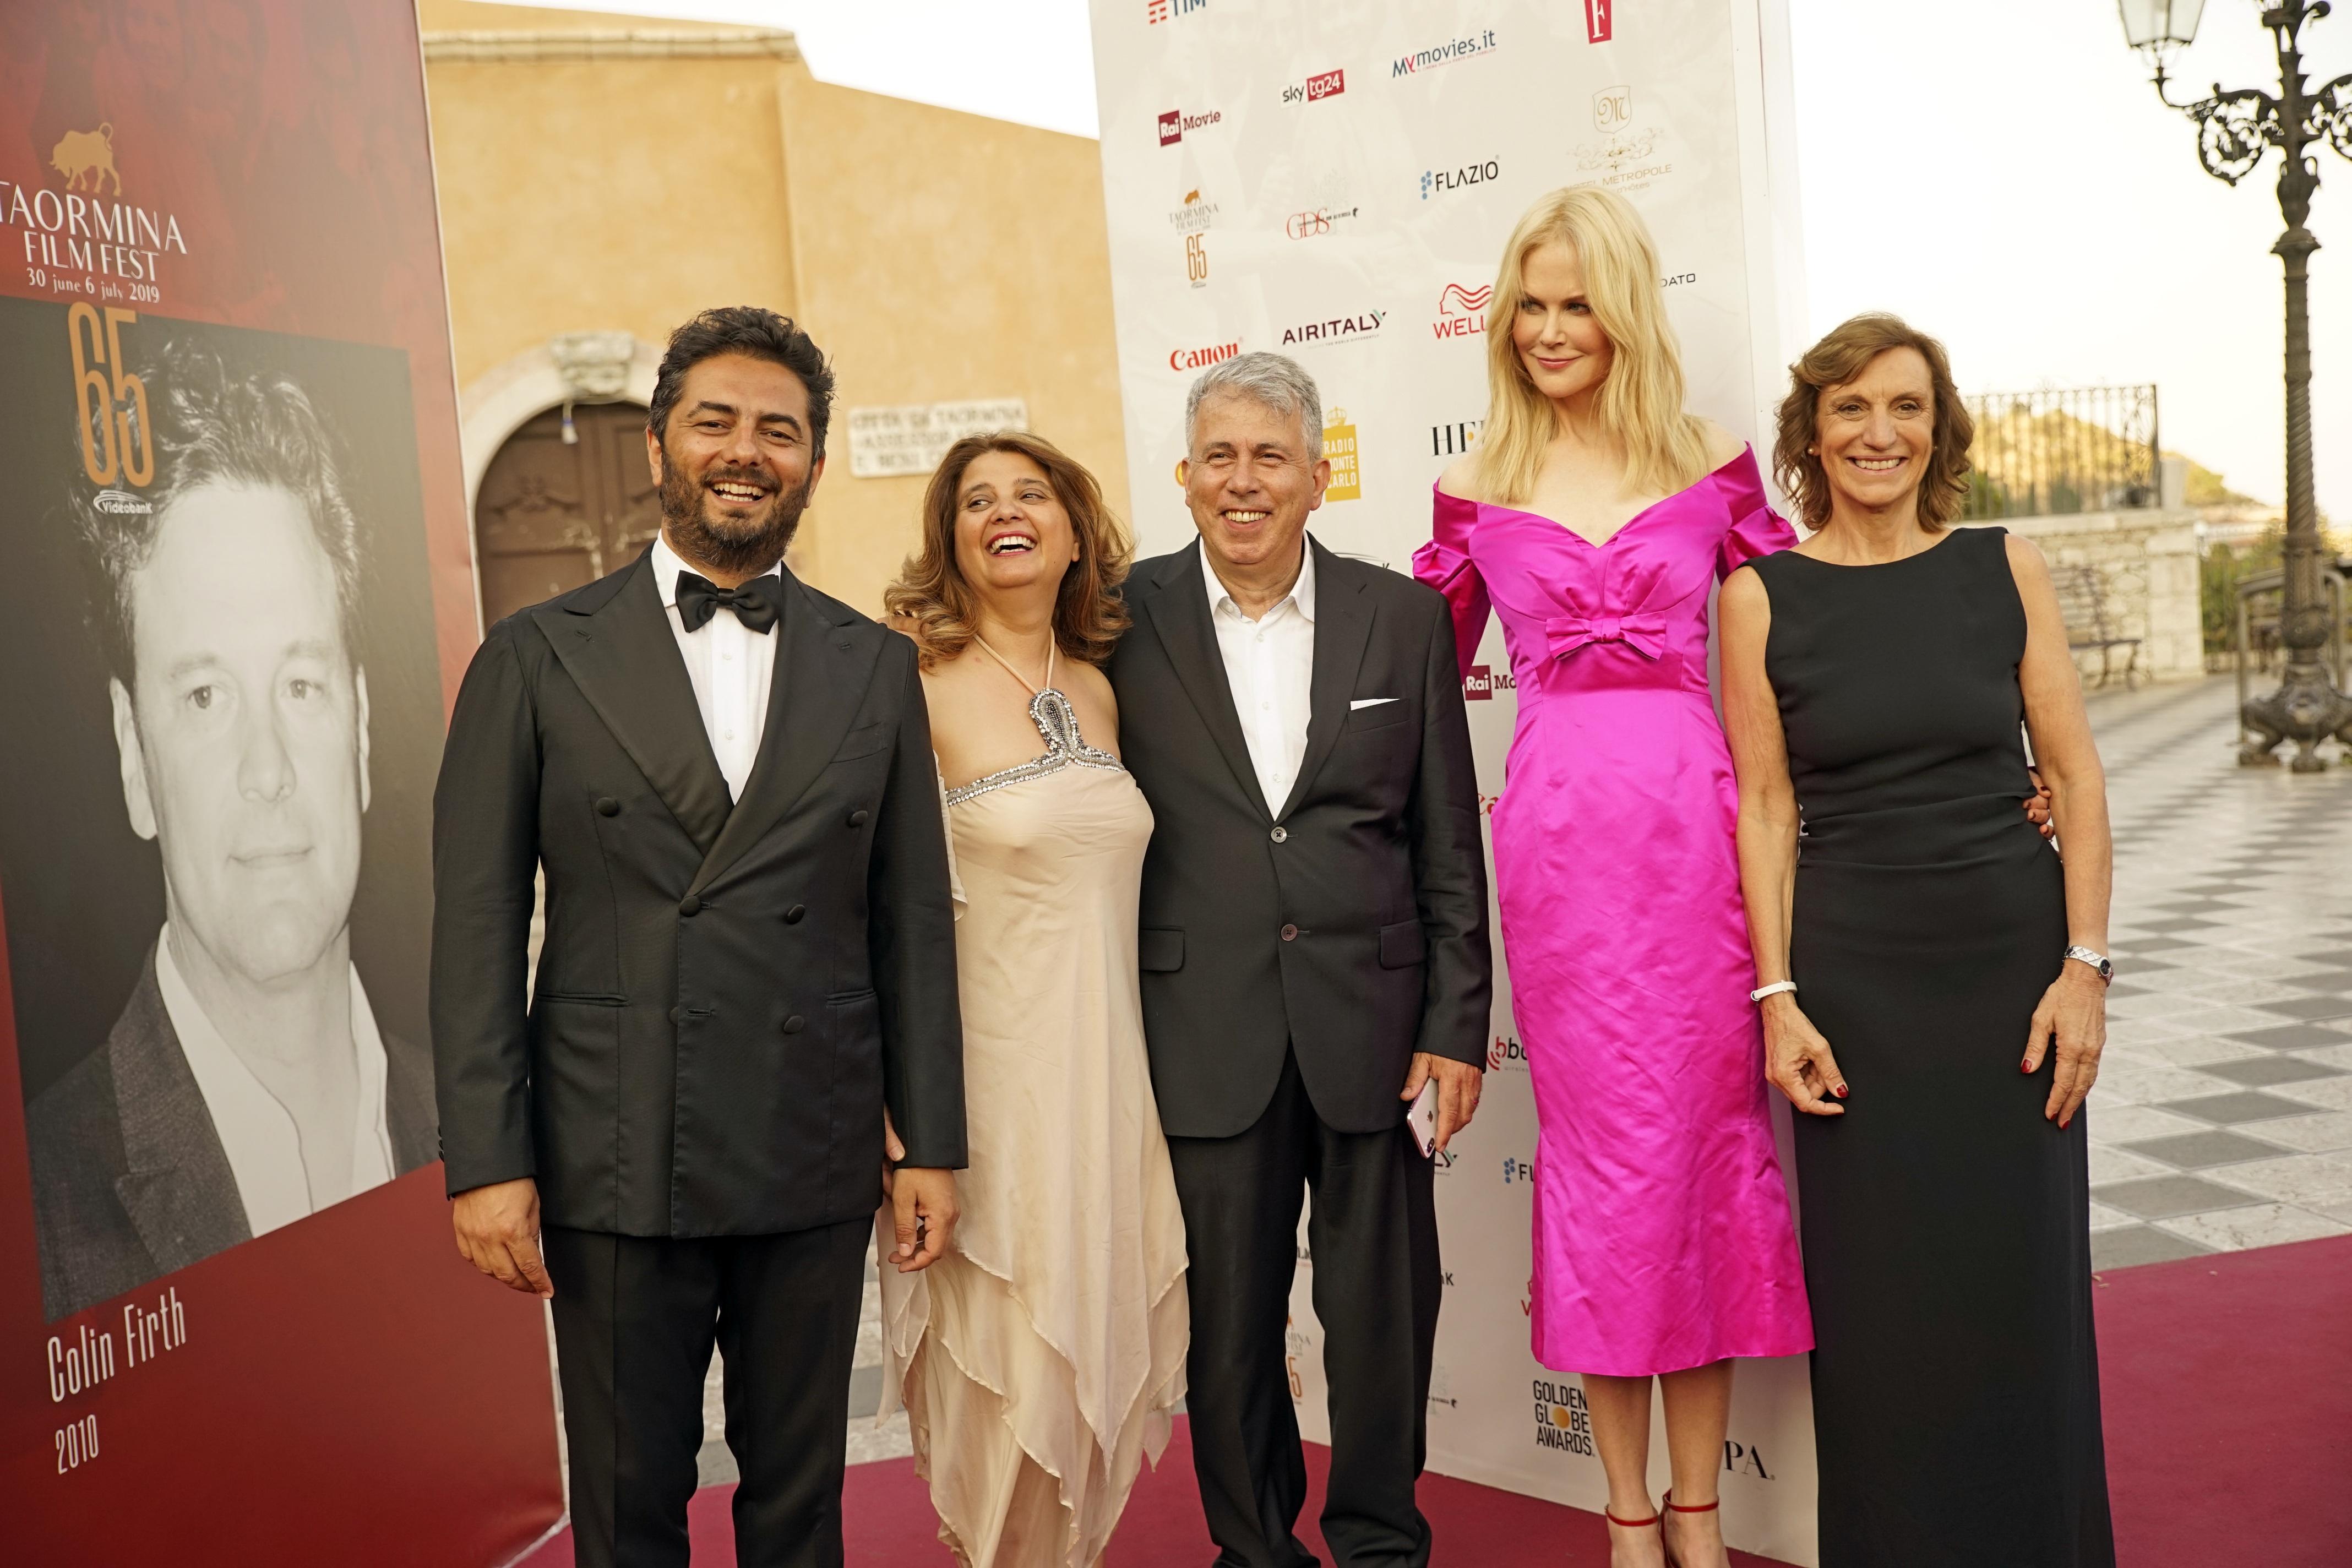 Taormina, Si conclude la 65a edizione del Taormina Film Fest, che, con 78 film in programma in rappresentanza di 24 differenti Paesi, ha riscosso un grande successo di pubblico e critica